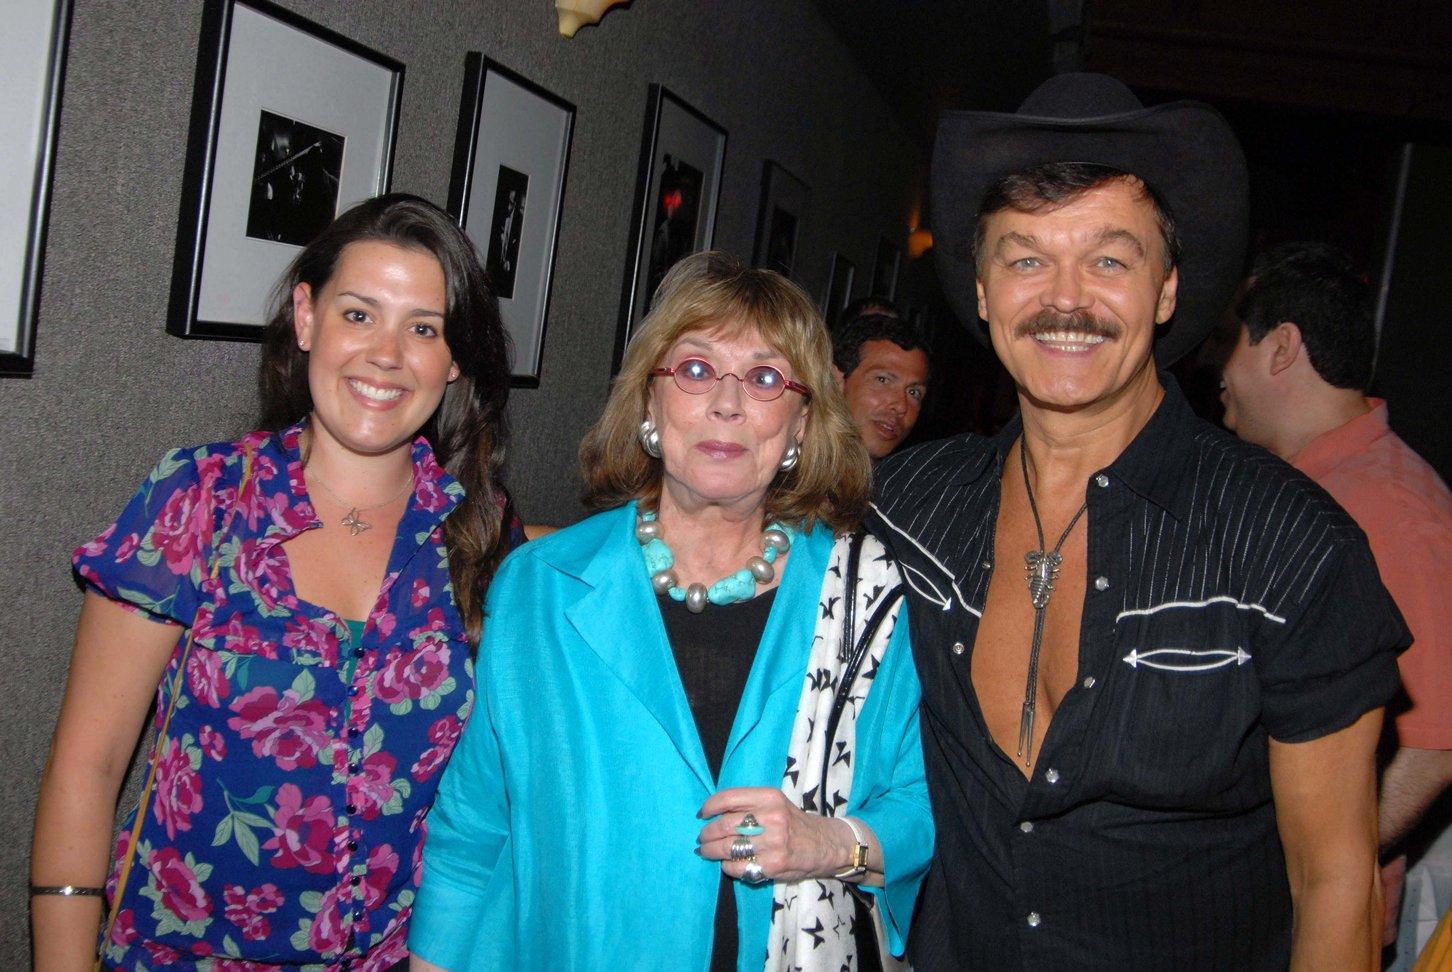 Katharine Luckinbill Pics Katharine Luckinbill Pictures And Photos Simon is an artist, katharine is an. katharine luckinbill pics katharine luckinbill pictures and photos